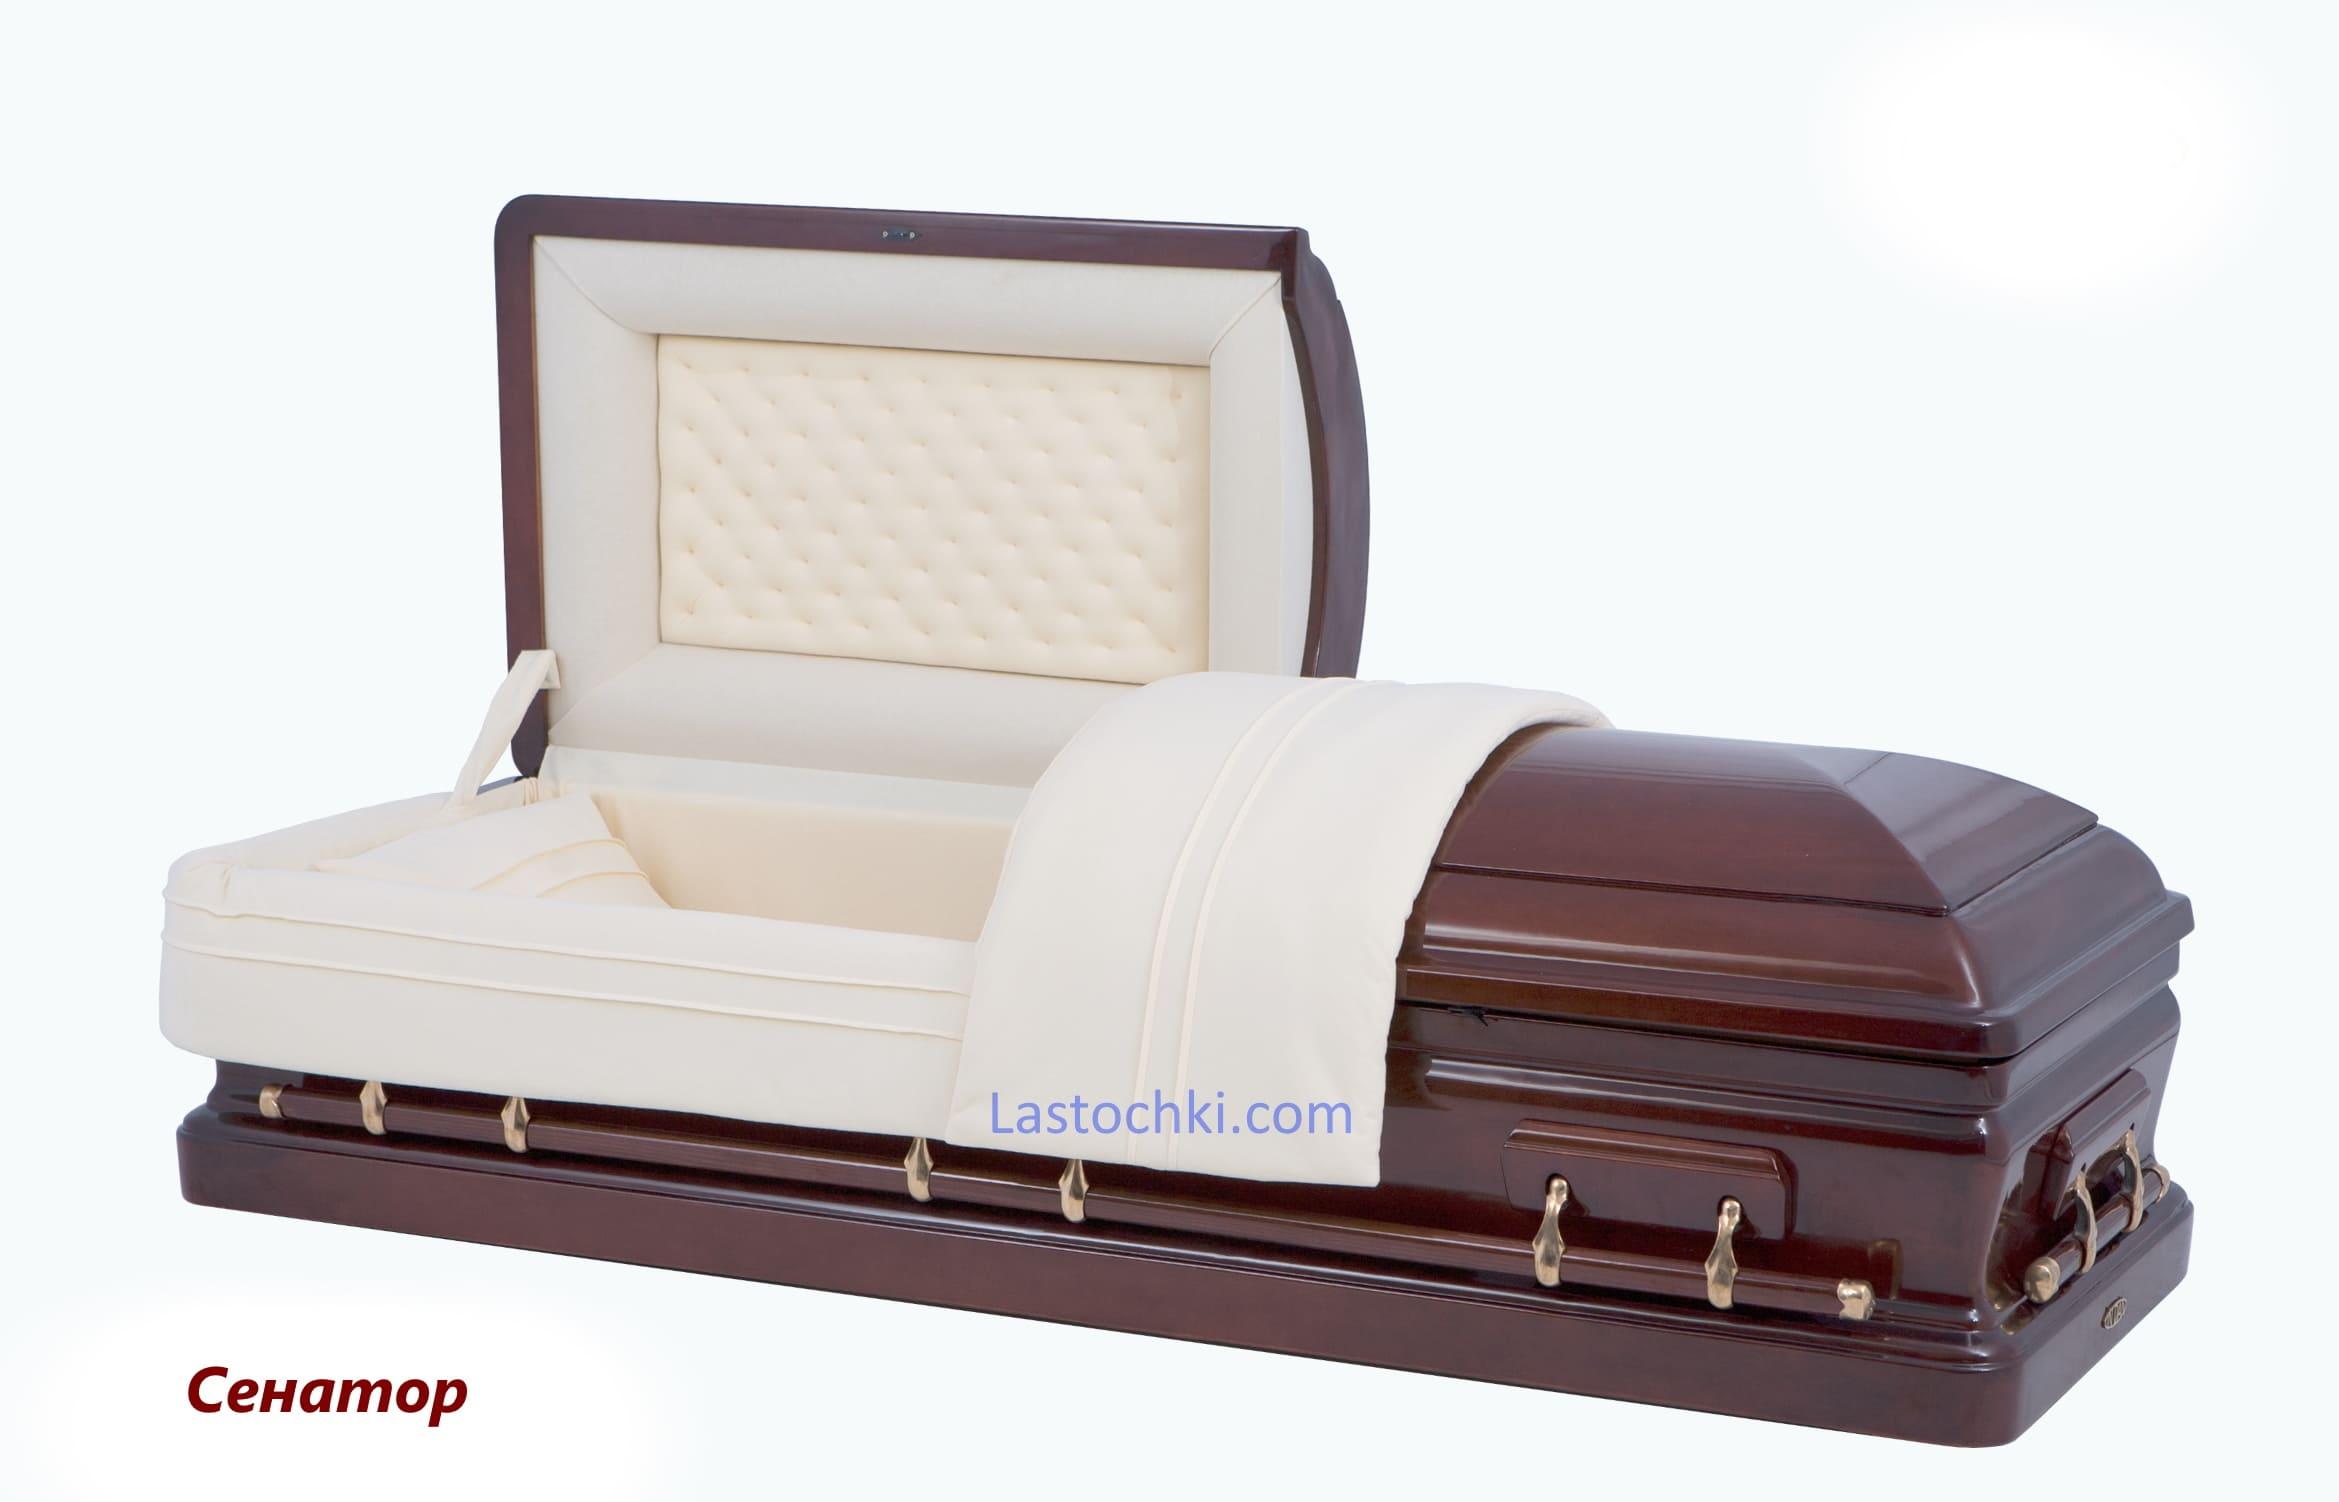 Саркофаг Сенатор  -  Цена  160 000 грн.